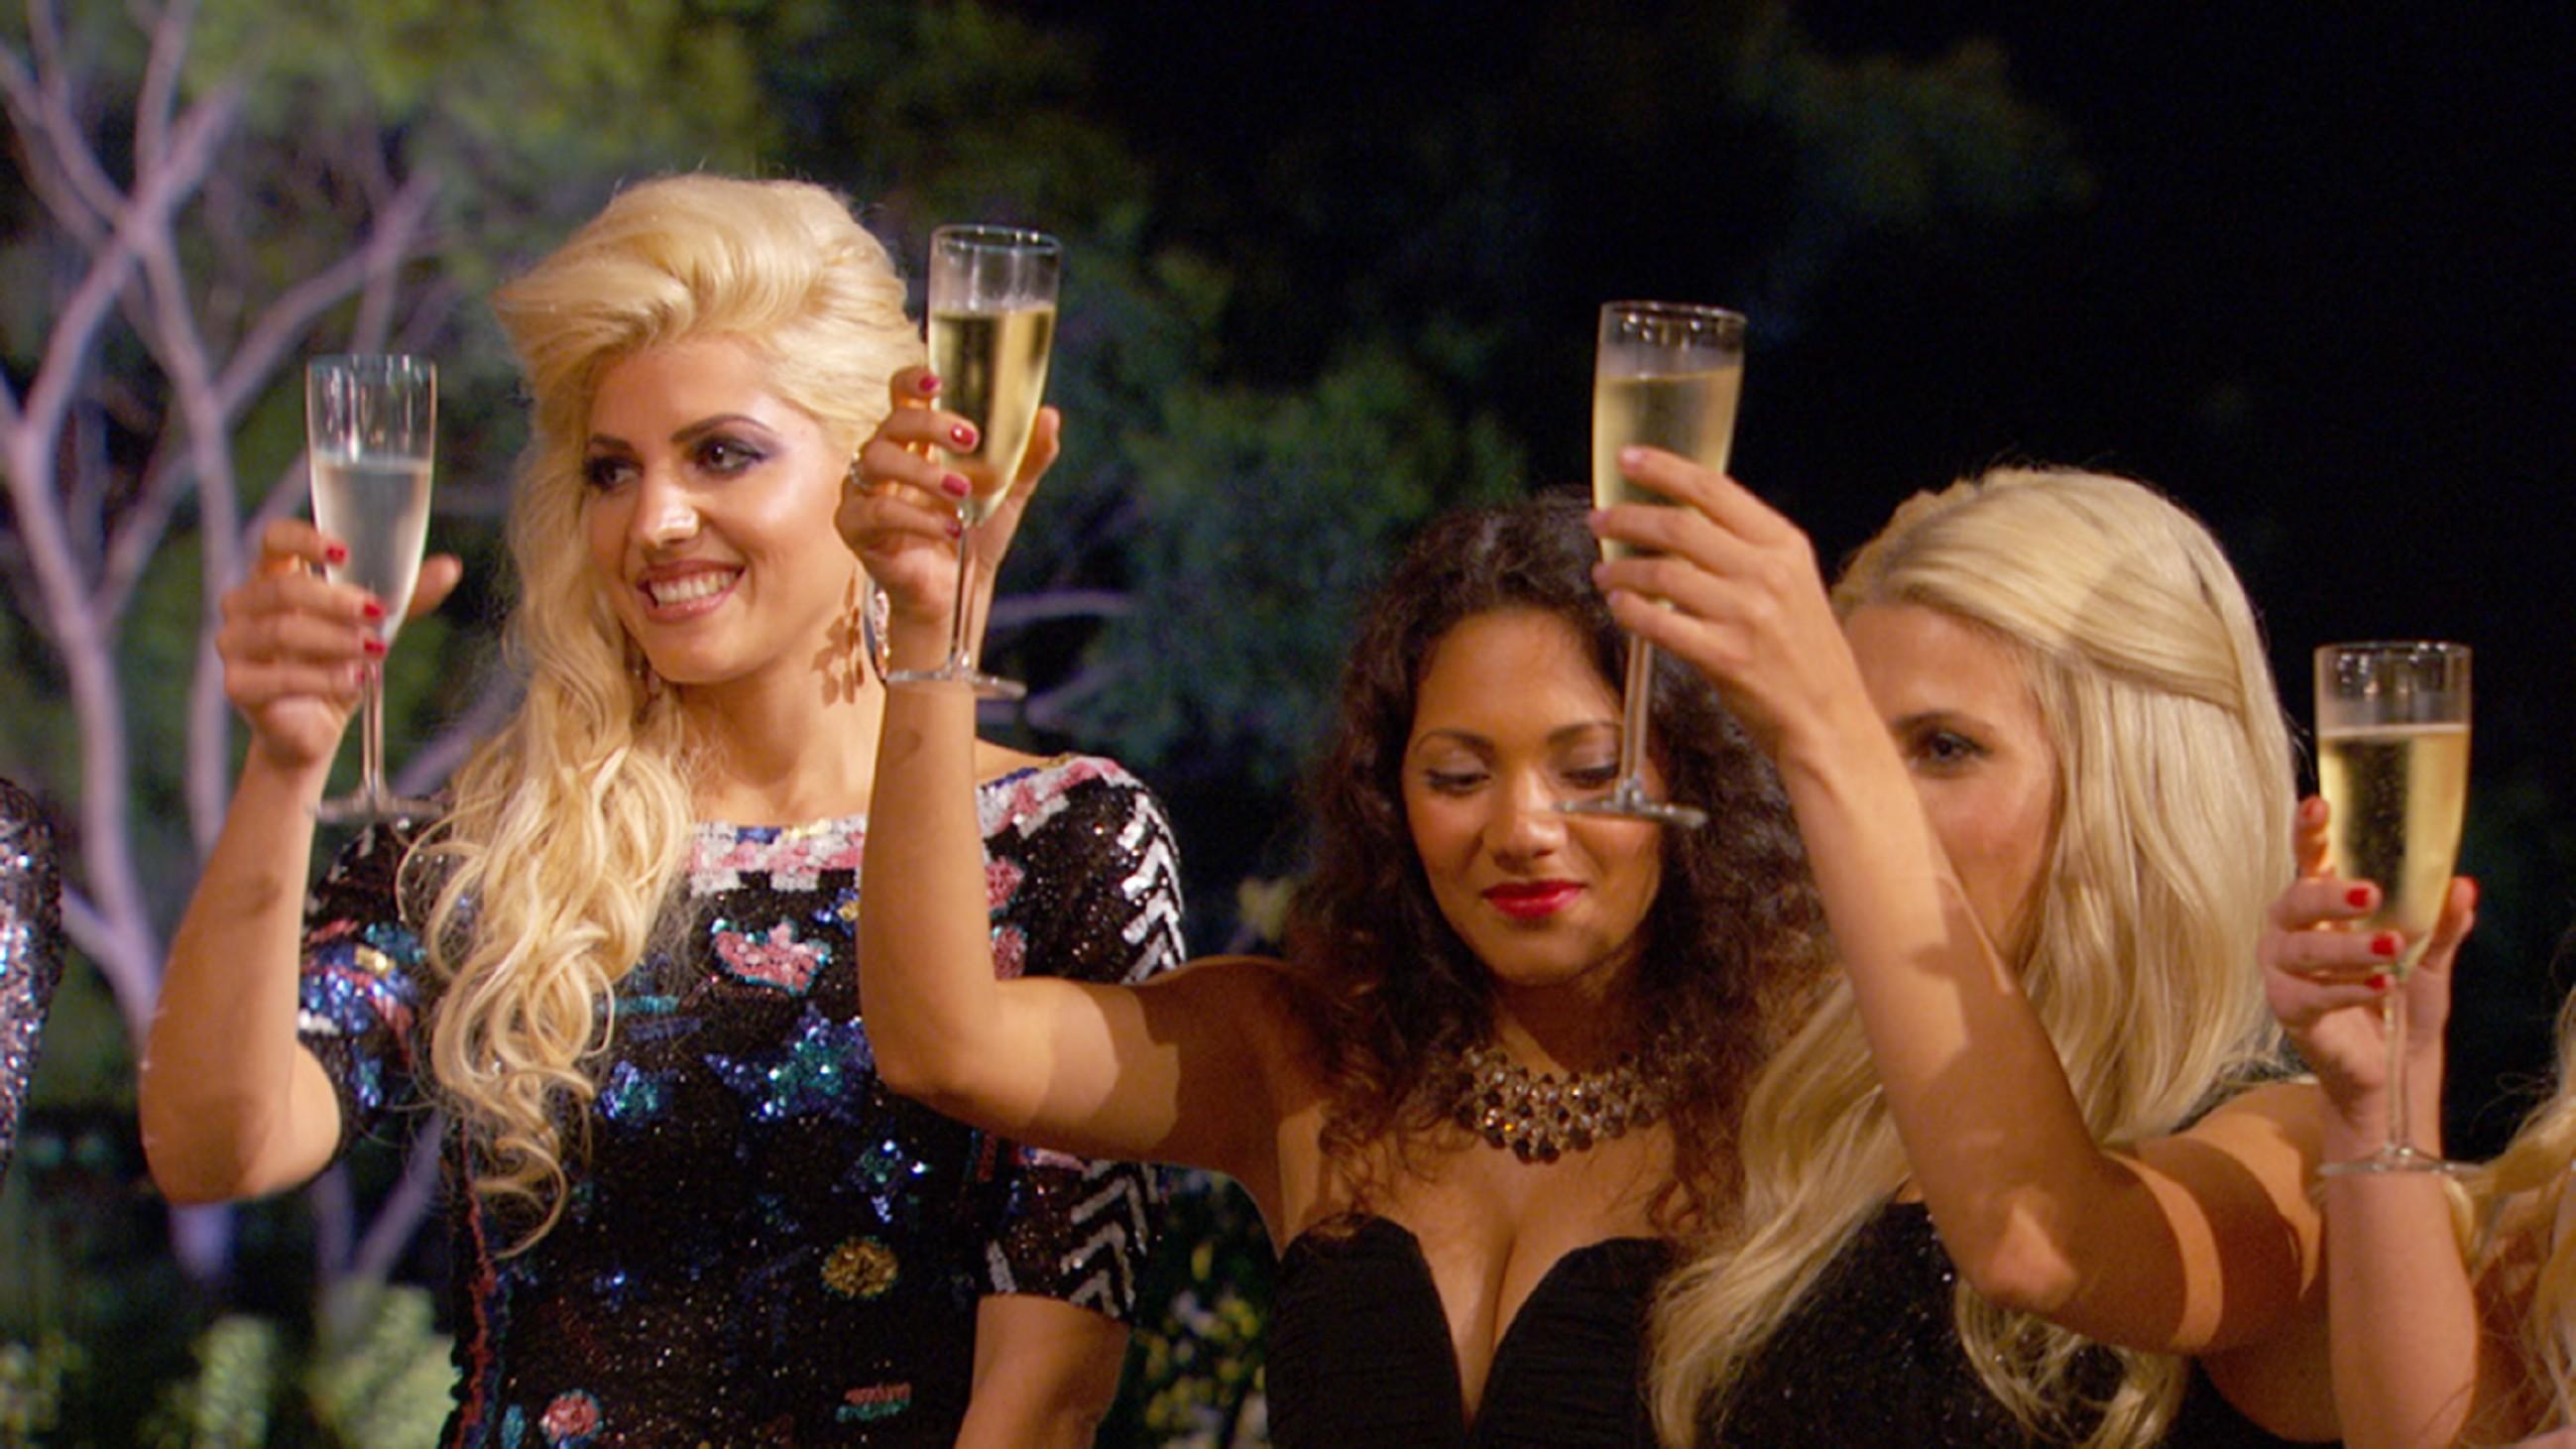 Der Bachelor 2015 - Folge 1 - Sarah, Pamela und Liesa-Marie